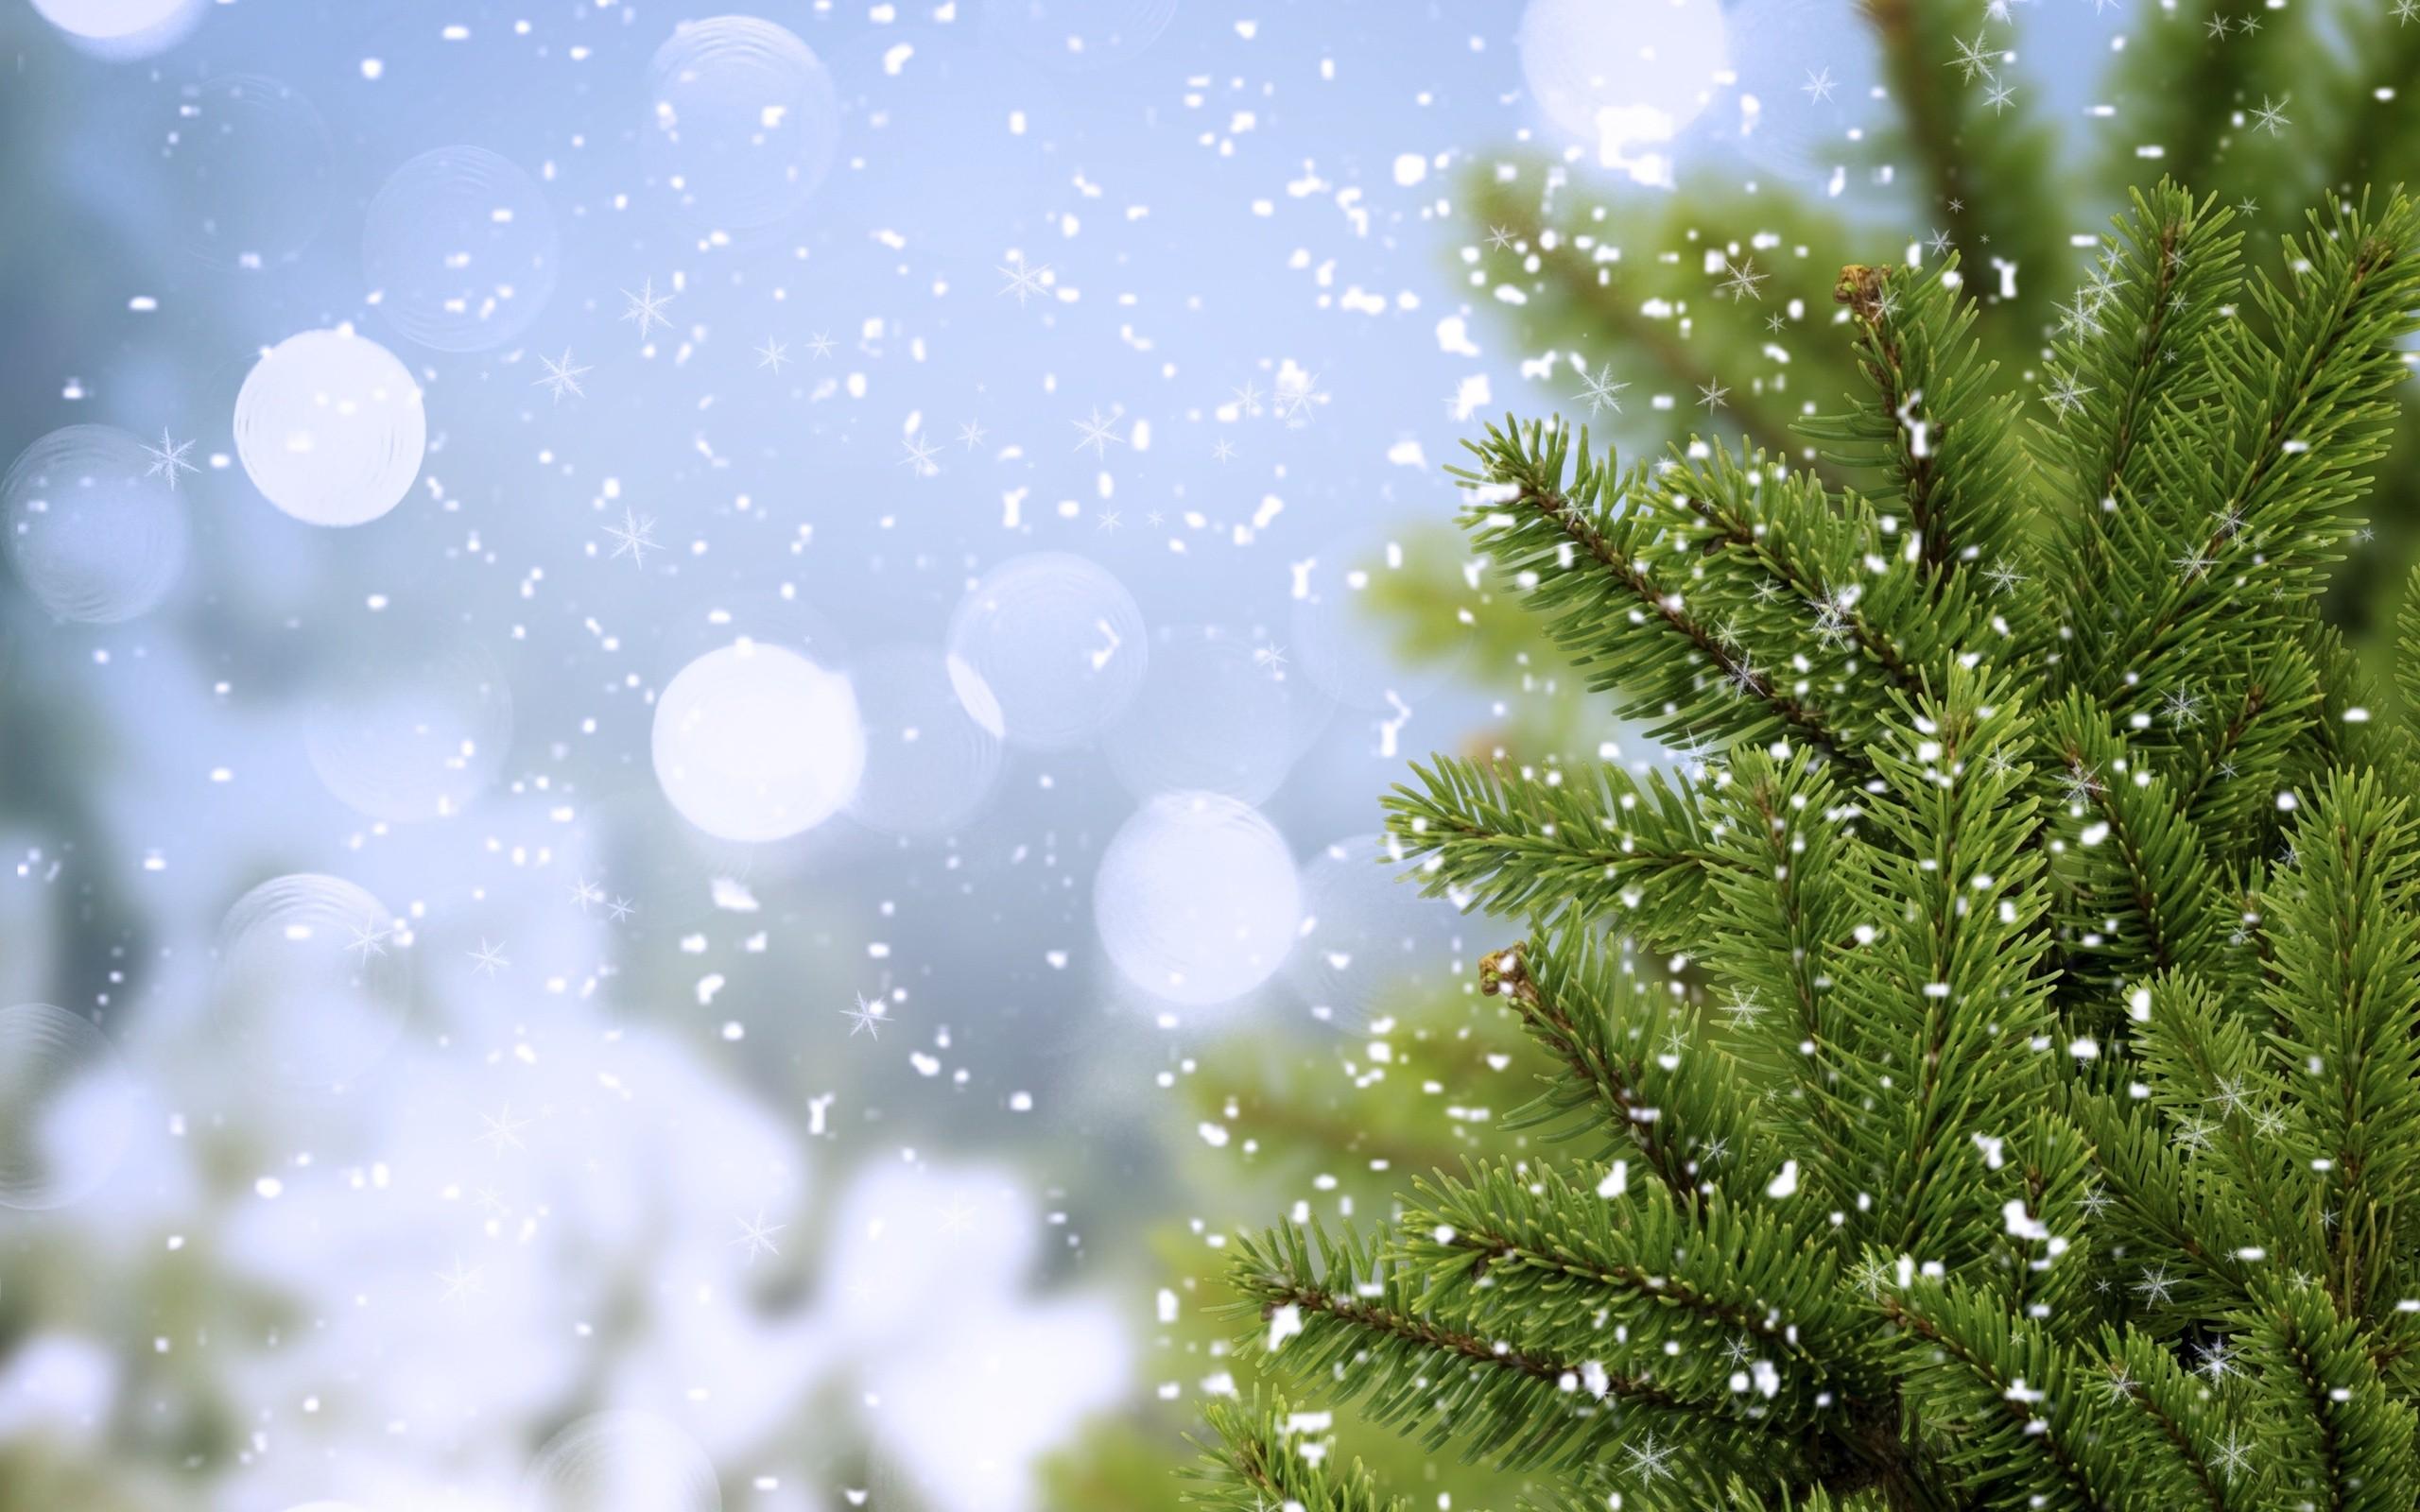 Новый год, елка, снег, снежинки